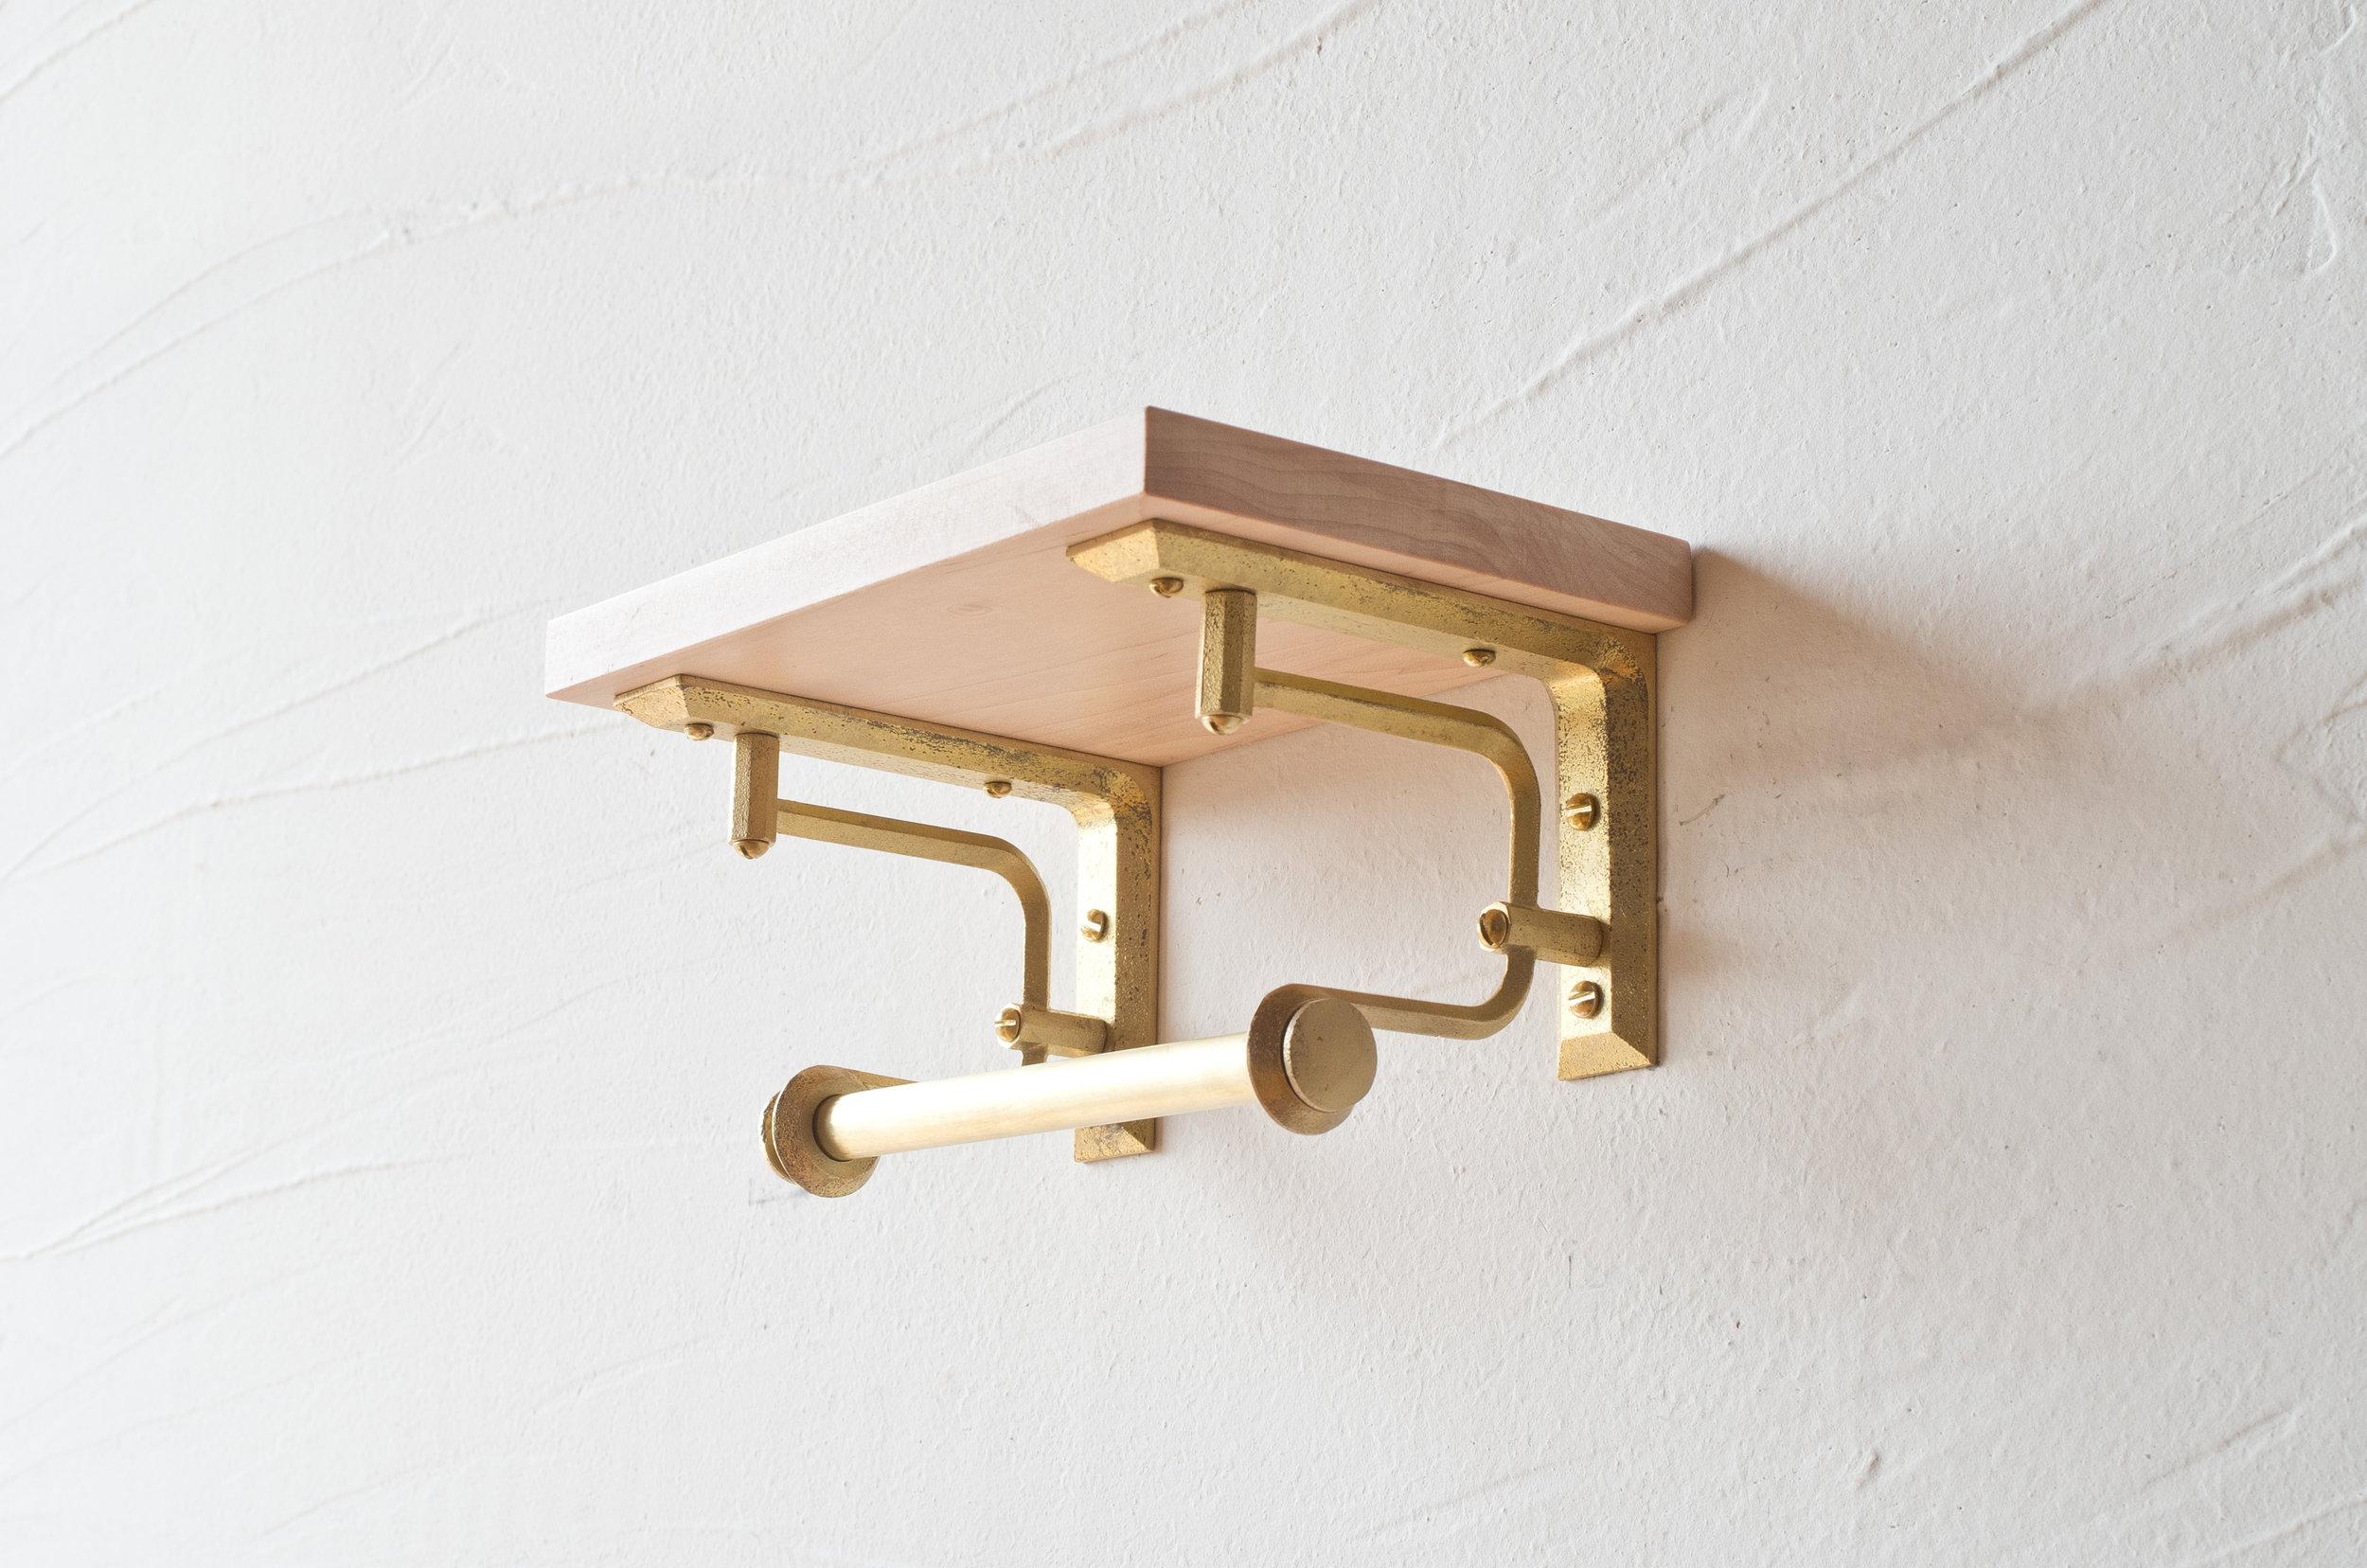 [S] Paperholder